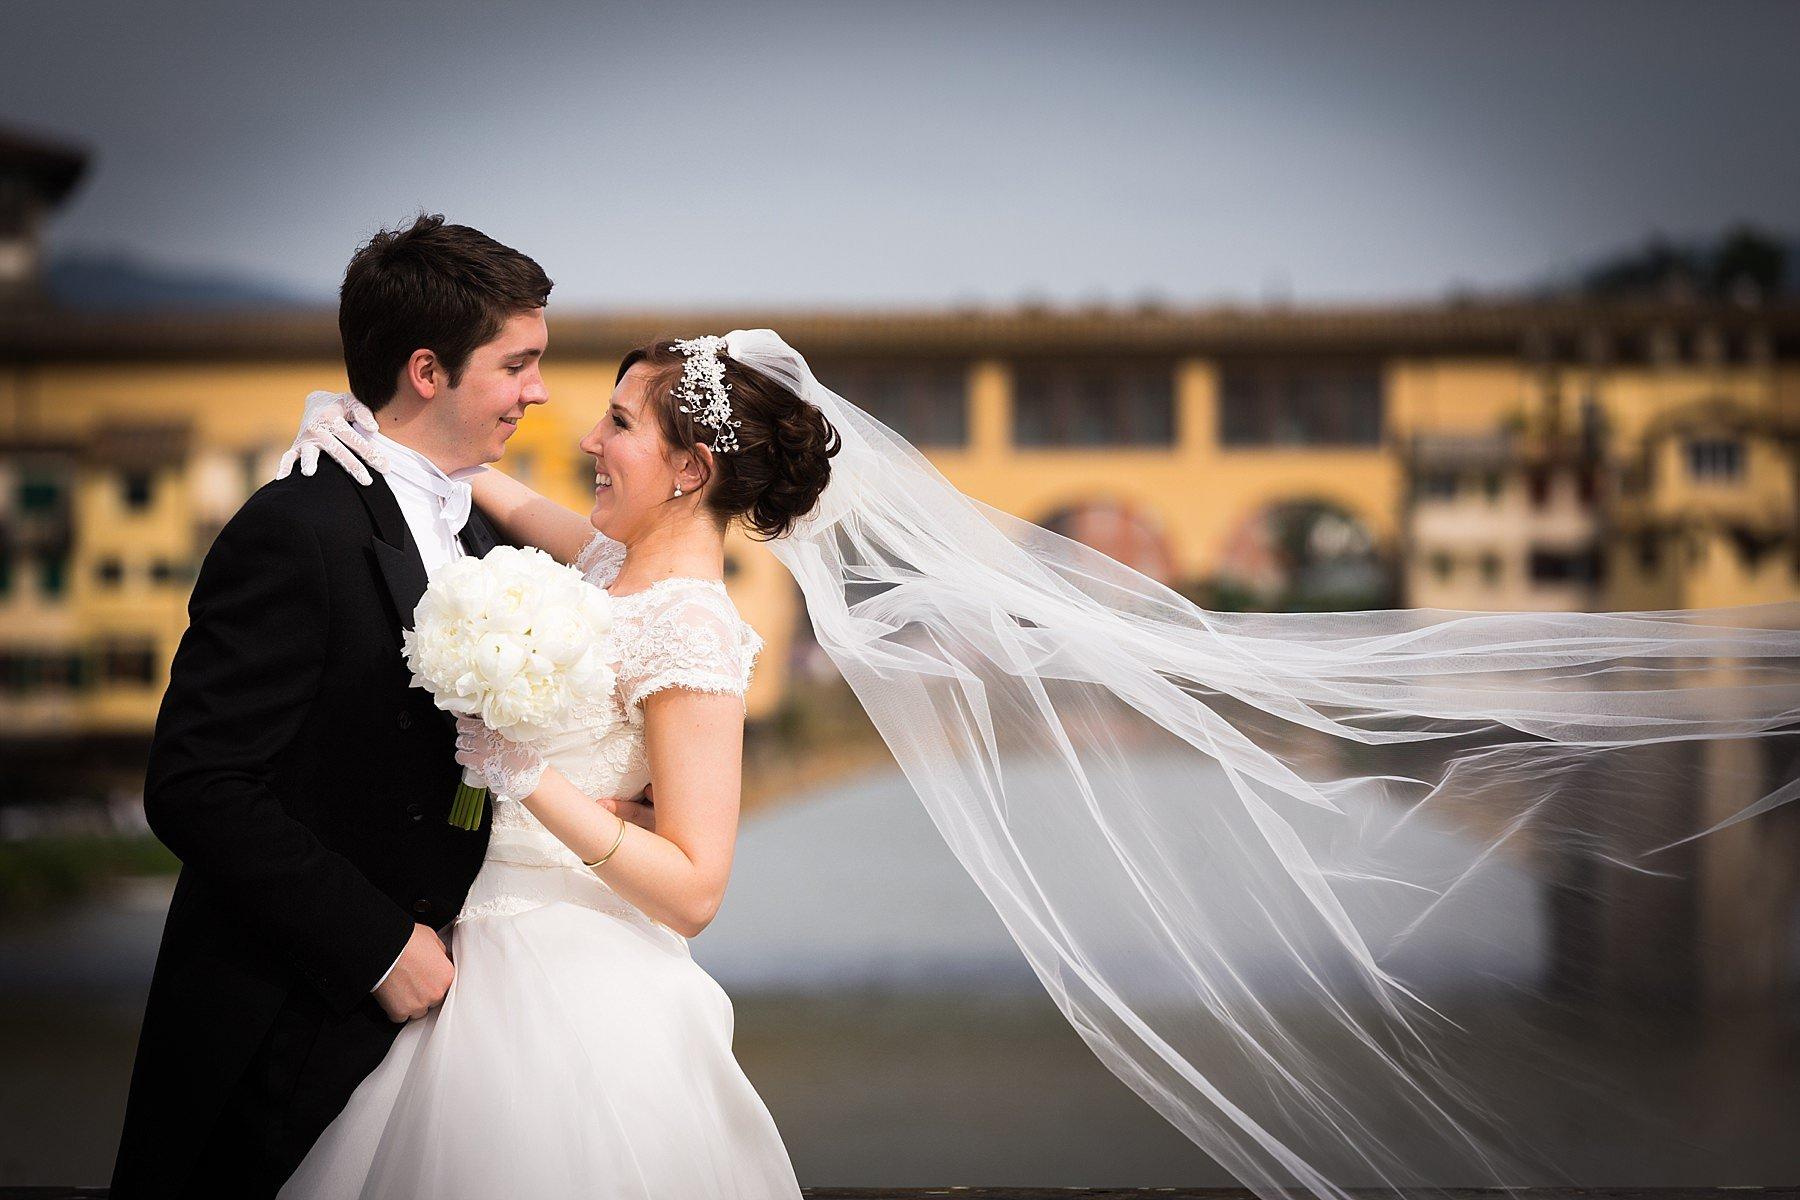 foto di sposi a firenze sul ponte vecchio